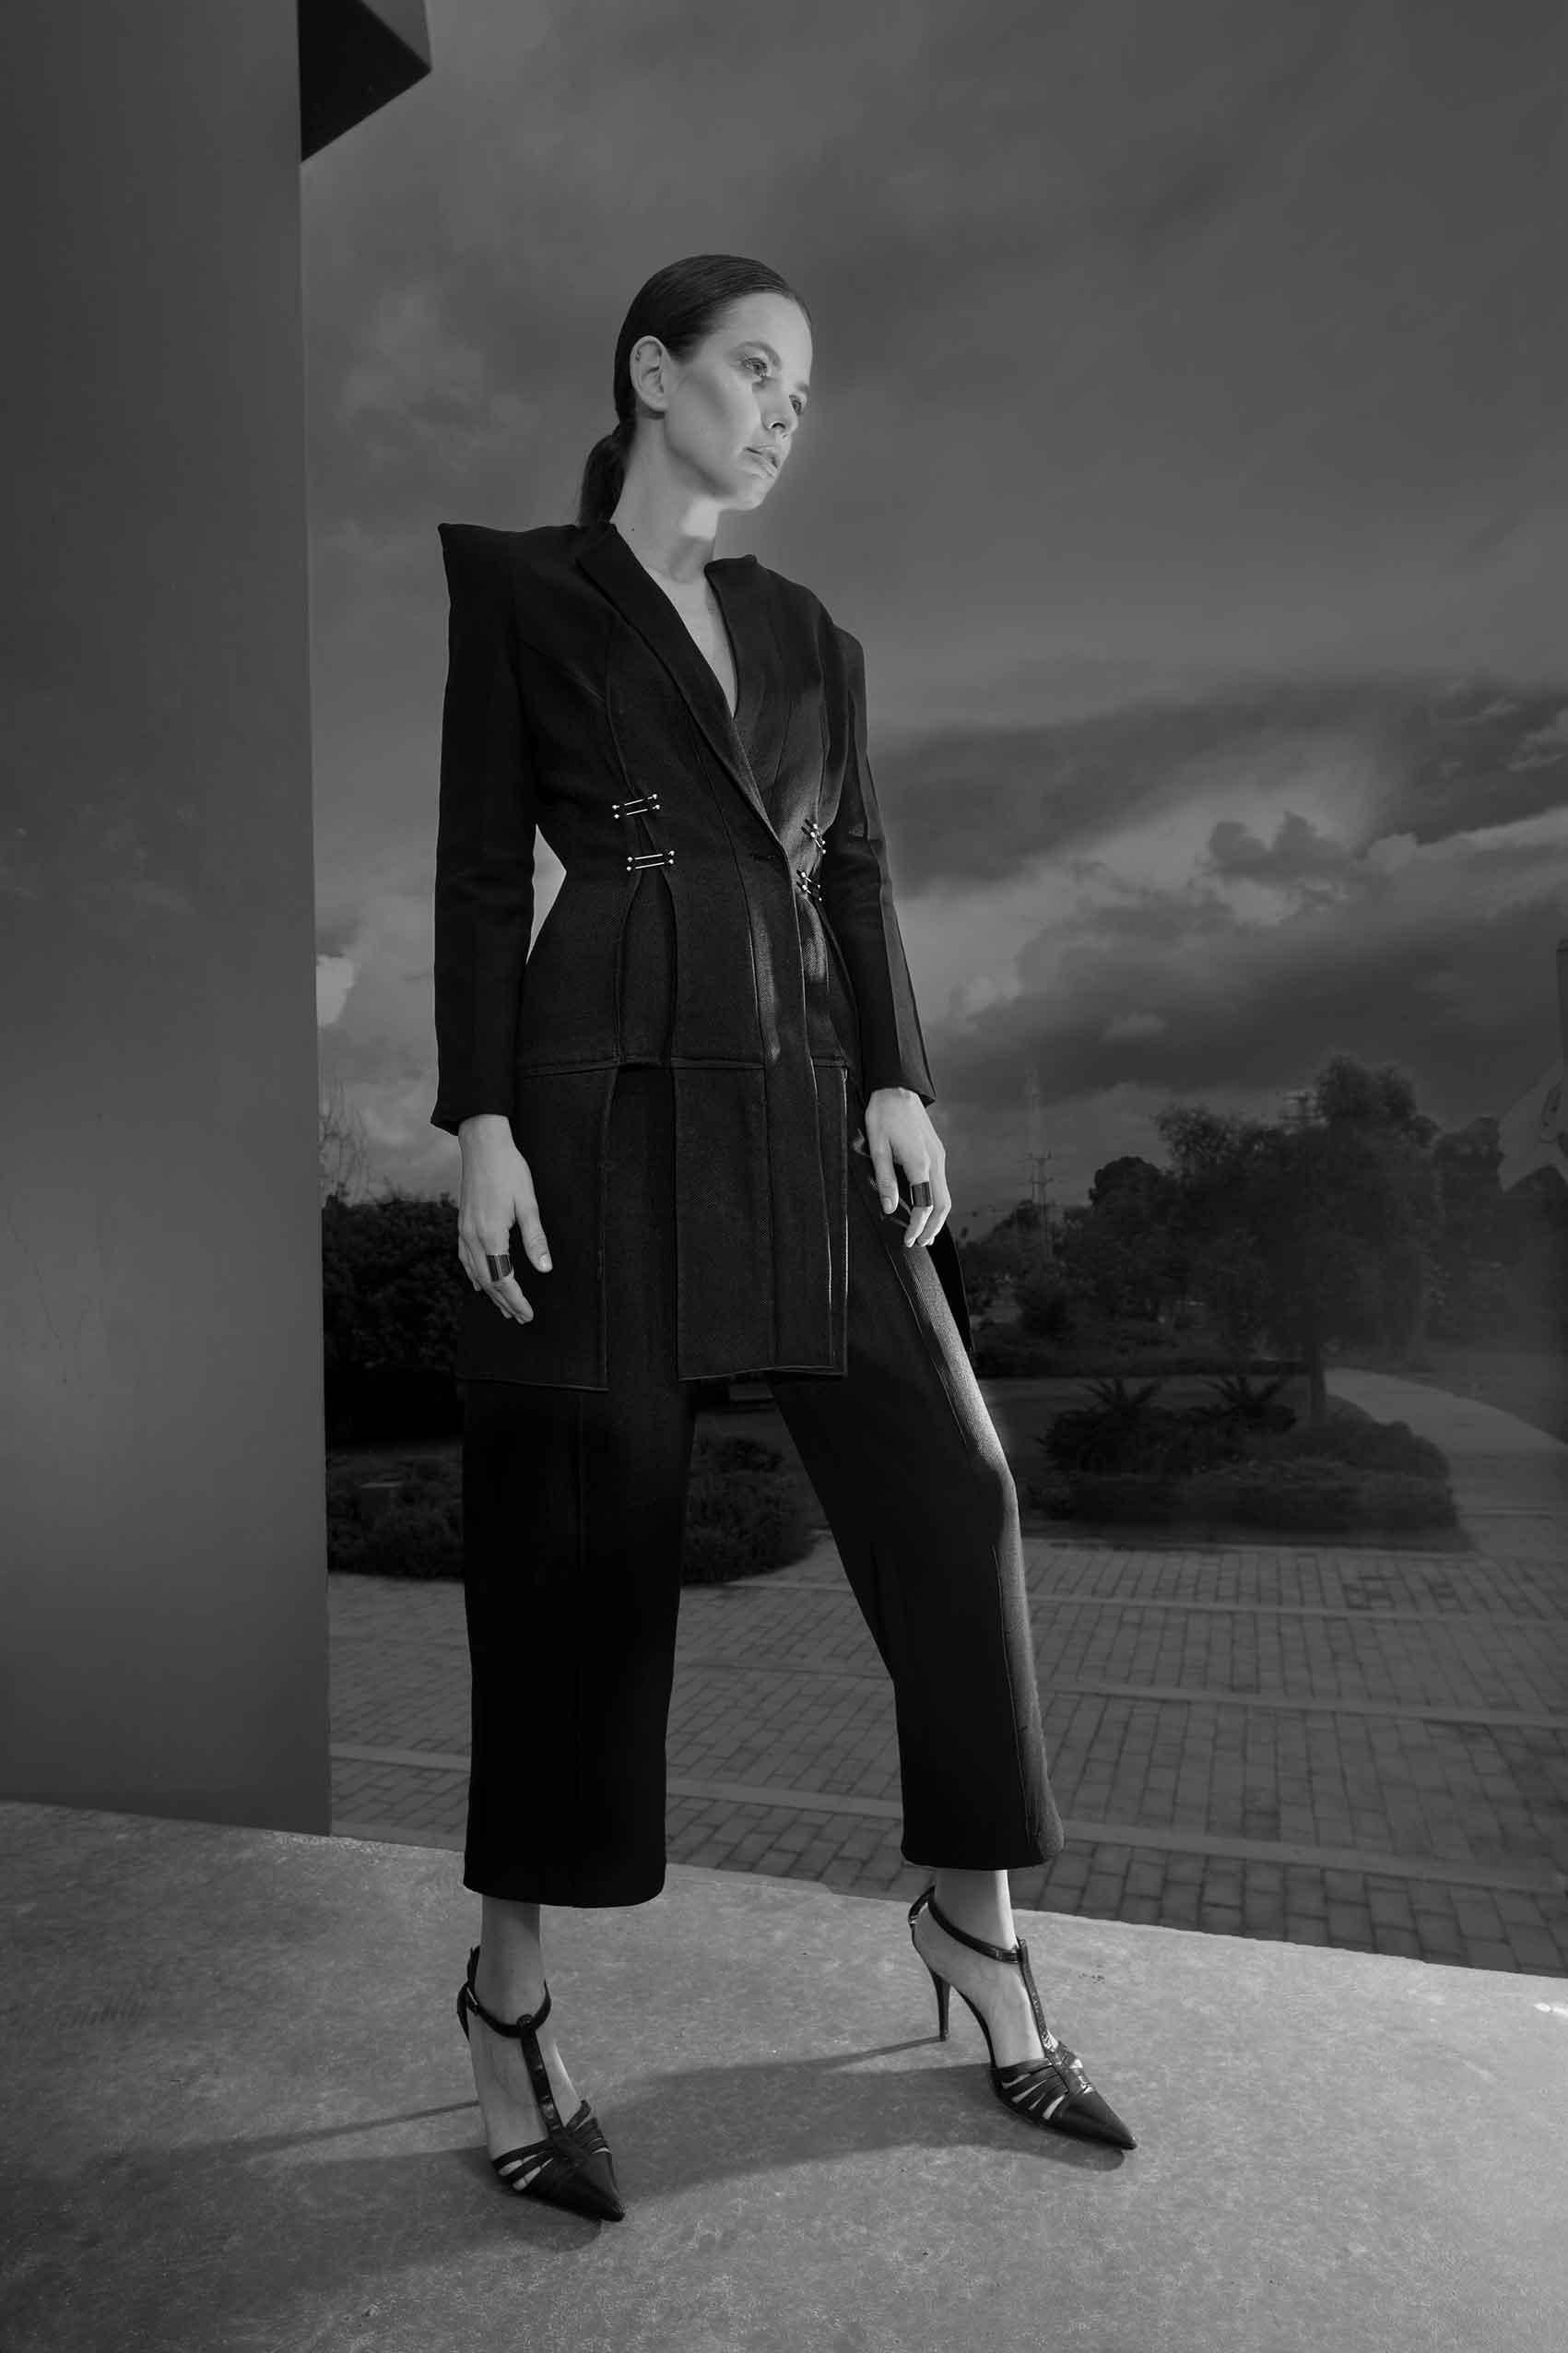 מאשה-גילדר-מגזין-אופנה-שגב-אורלב-מגזין-אופנה-אונליין